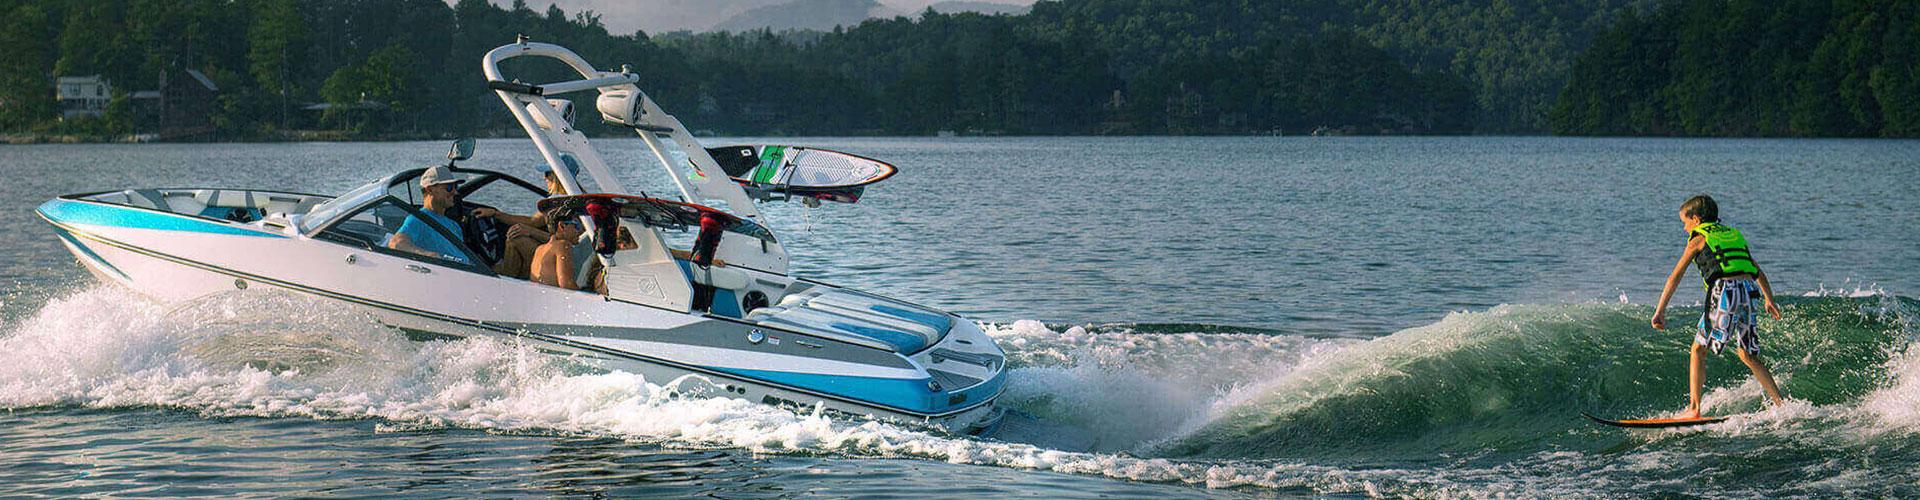 סירת מרוץ – הדרך אל האושר מגיעה במהירויות גבוהות